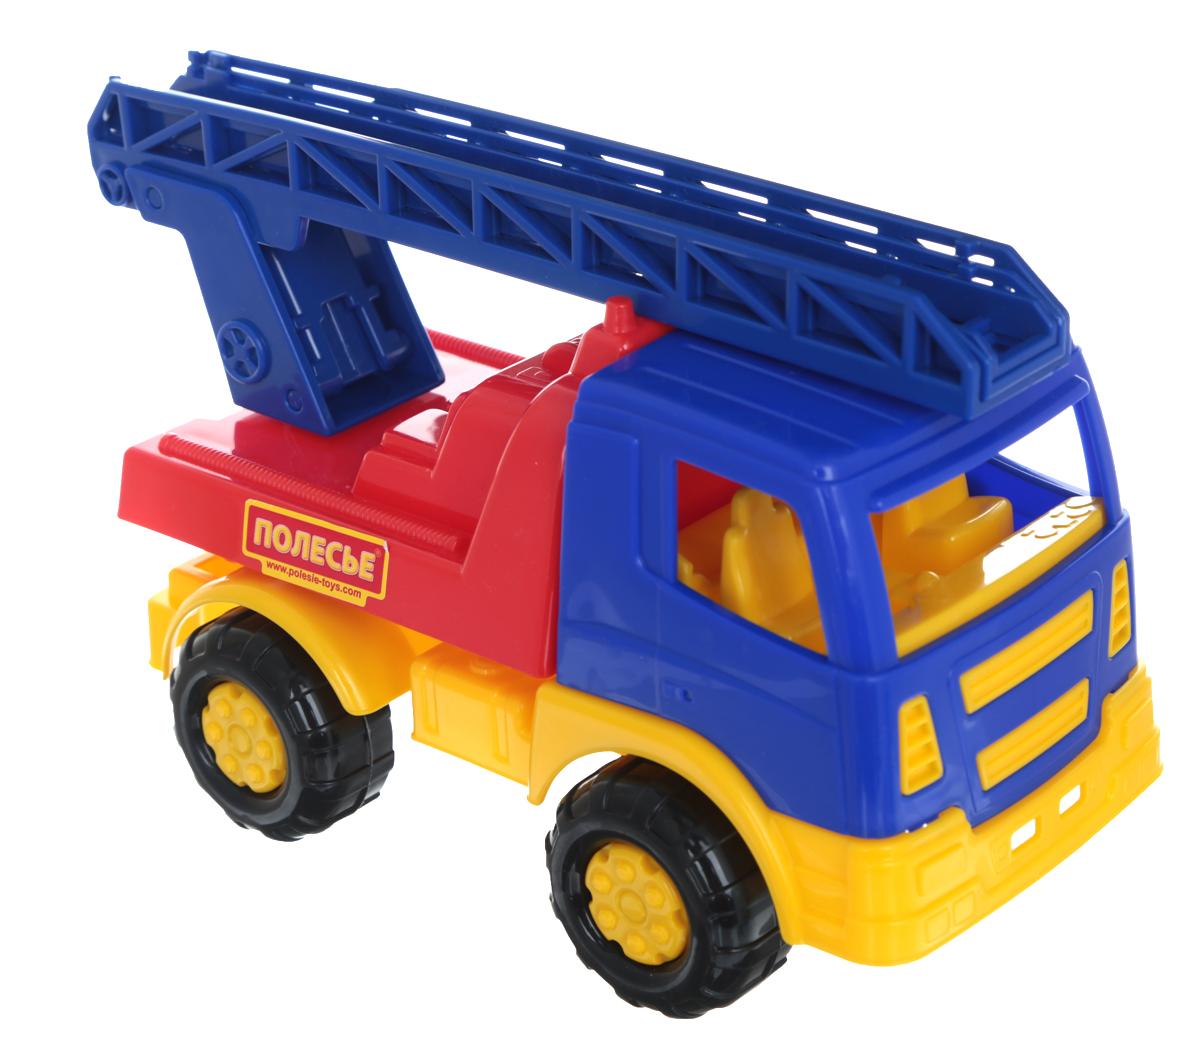 Полесье Пожарная спецмашина Салют цвет синий красный желтый8977_синий, красныйПожарная спецмашина Полесье Салют привлечет внимание вашего малыша и не позволит ему скучать, ведь так интересно и захватывающе покатать свою пожарную спецмашину. Яркий автомобиль, изготовленный из прочного безопасного пластика, отлично подойдет ребенку для различных игр. Колеса машины имеют свободный ход, лестница выдвижная. Порадуйте своего непоседу такой замечательной игрушкой!